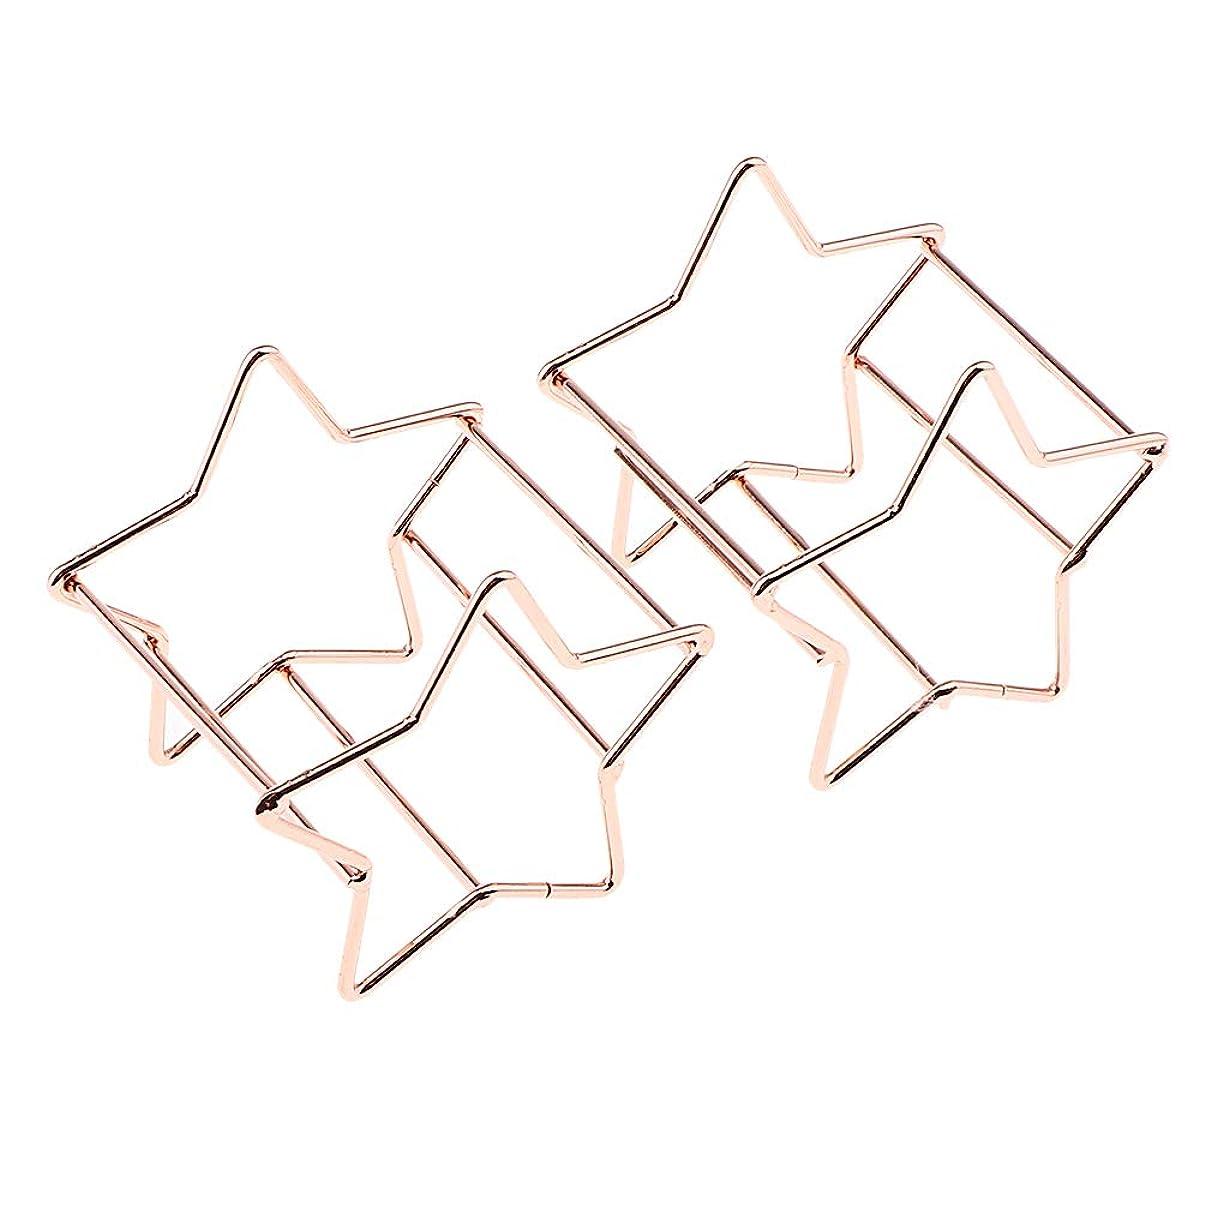 上に築きますパシフィック逆さまにP Prettyia 2個 化粧用スポンジホルダー スターシェイプ パフ乾燥ラック メイク道具 2色選べ - ローズゴールド